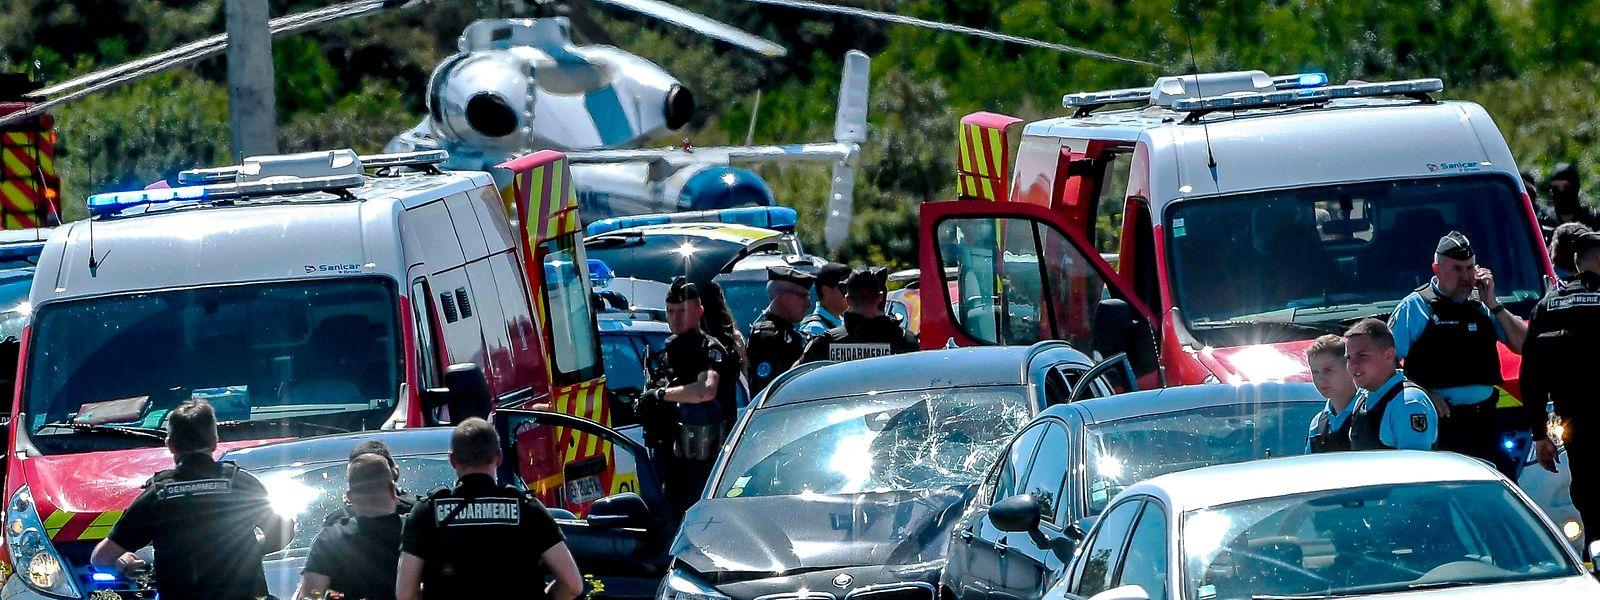 Der Verdächtige war am Mittwoch auf der Autobahn A 16 in der Nähe der nordfranzösischen Stadt Boulogne-sur-Mer durch eine Spezialeinheit der Polizei gestoppt worden.